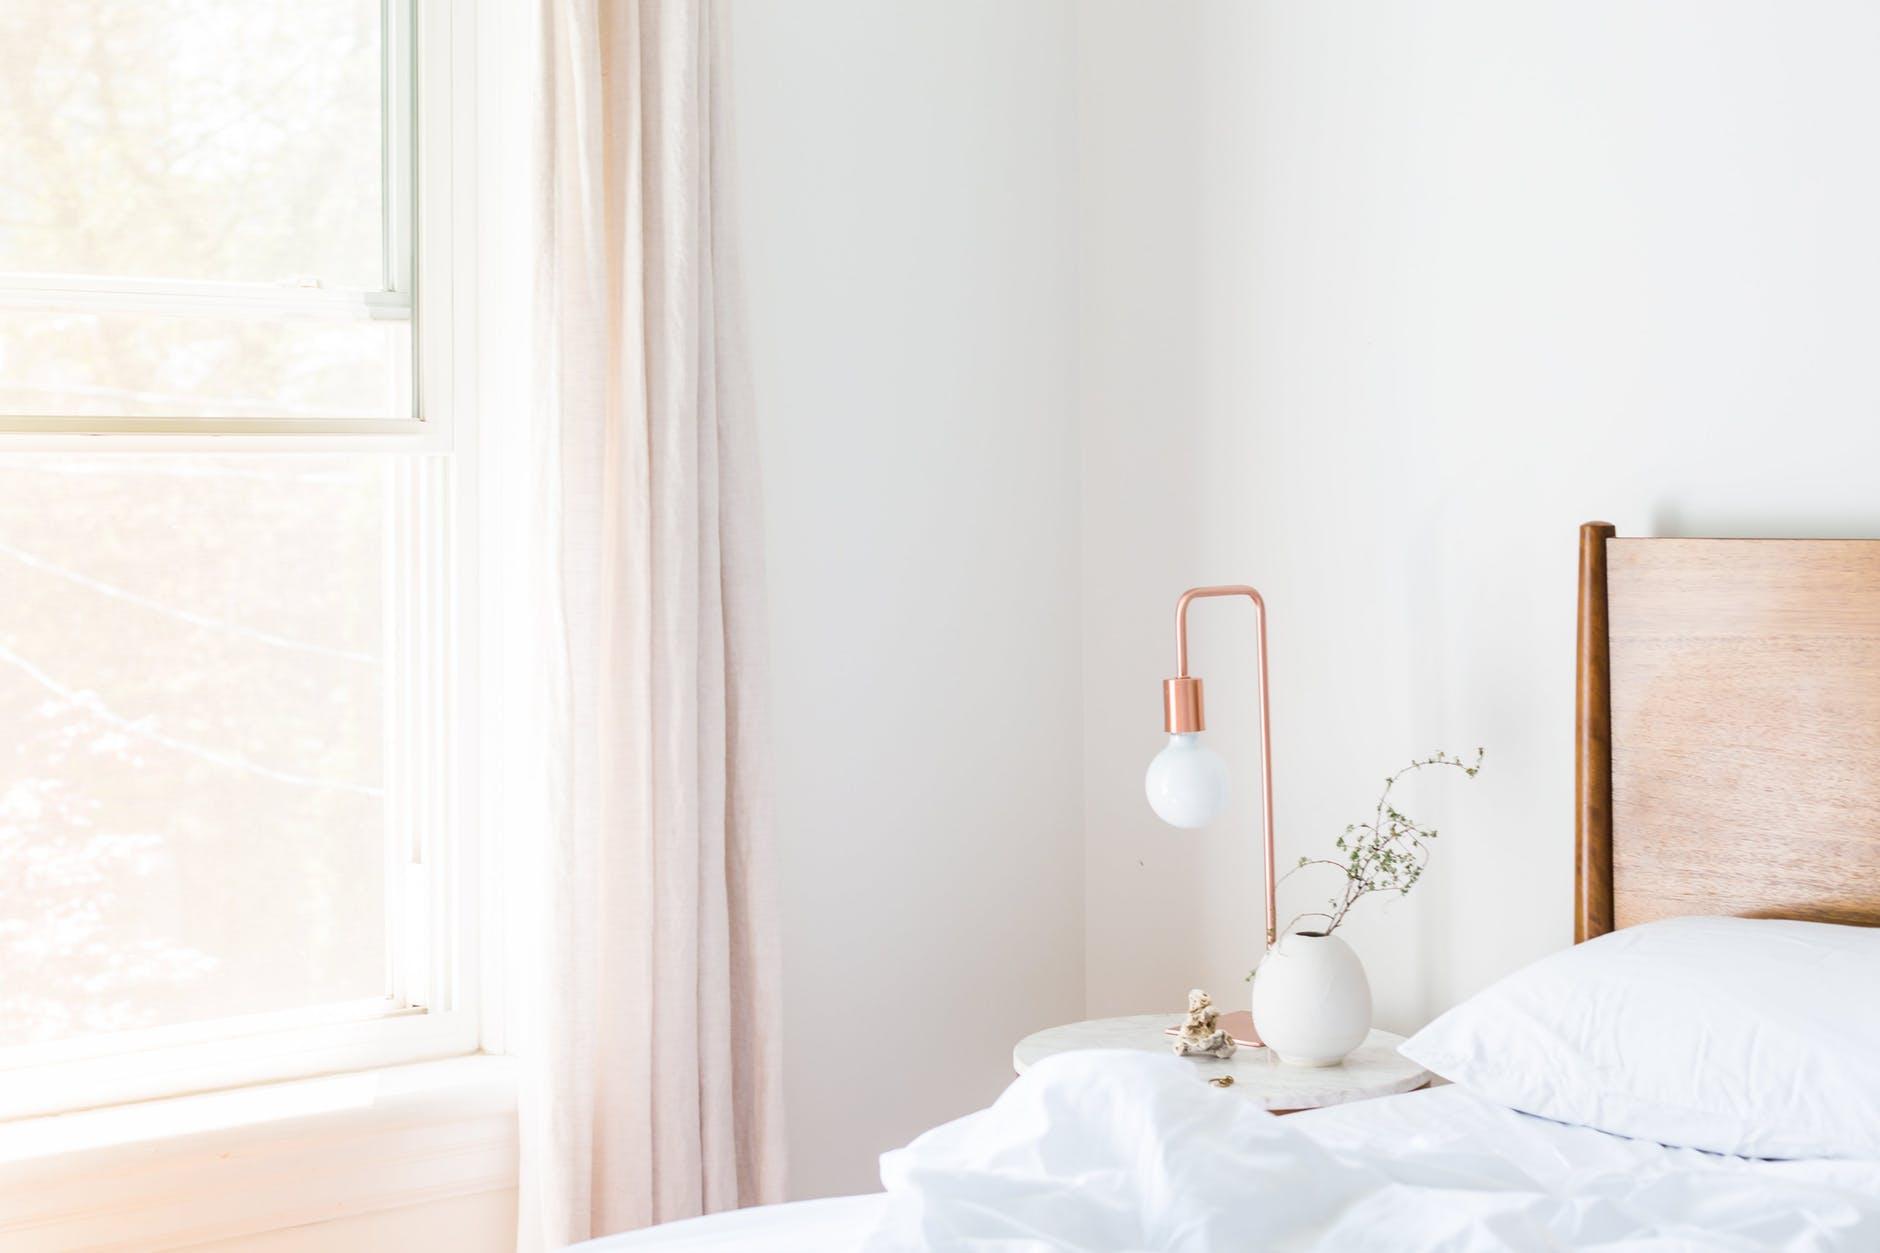 Lagom Vivre Mieux Avec Moins lagom : le style de vie minimaliste suédois – mon totem